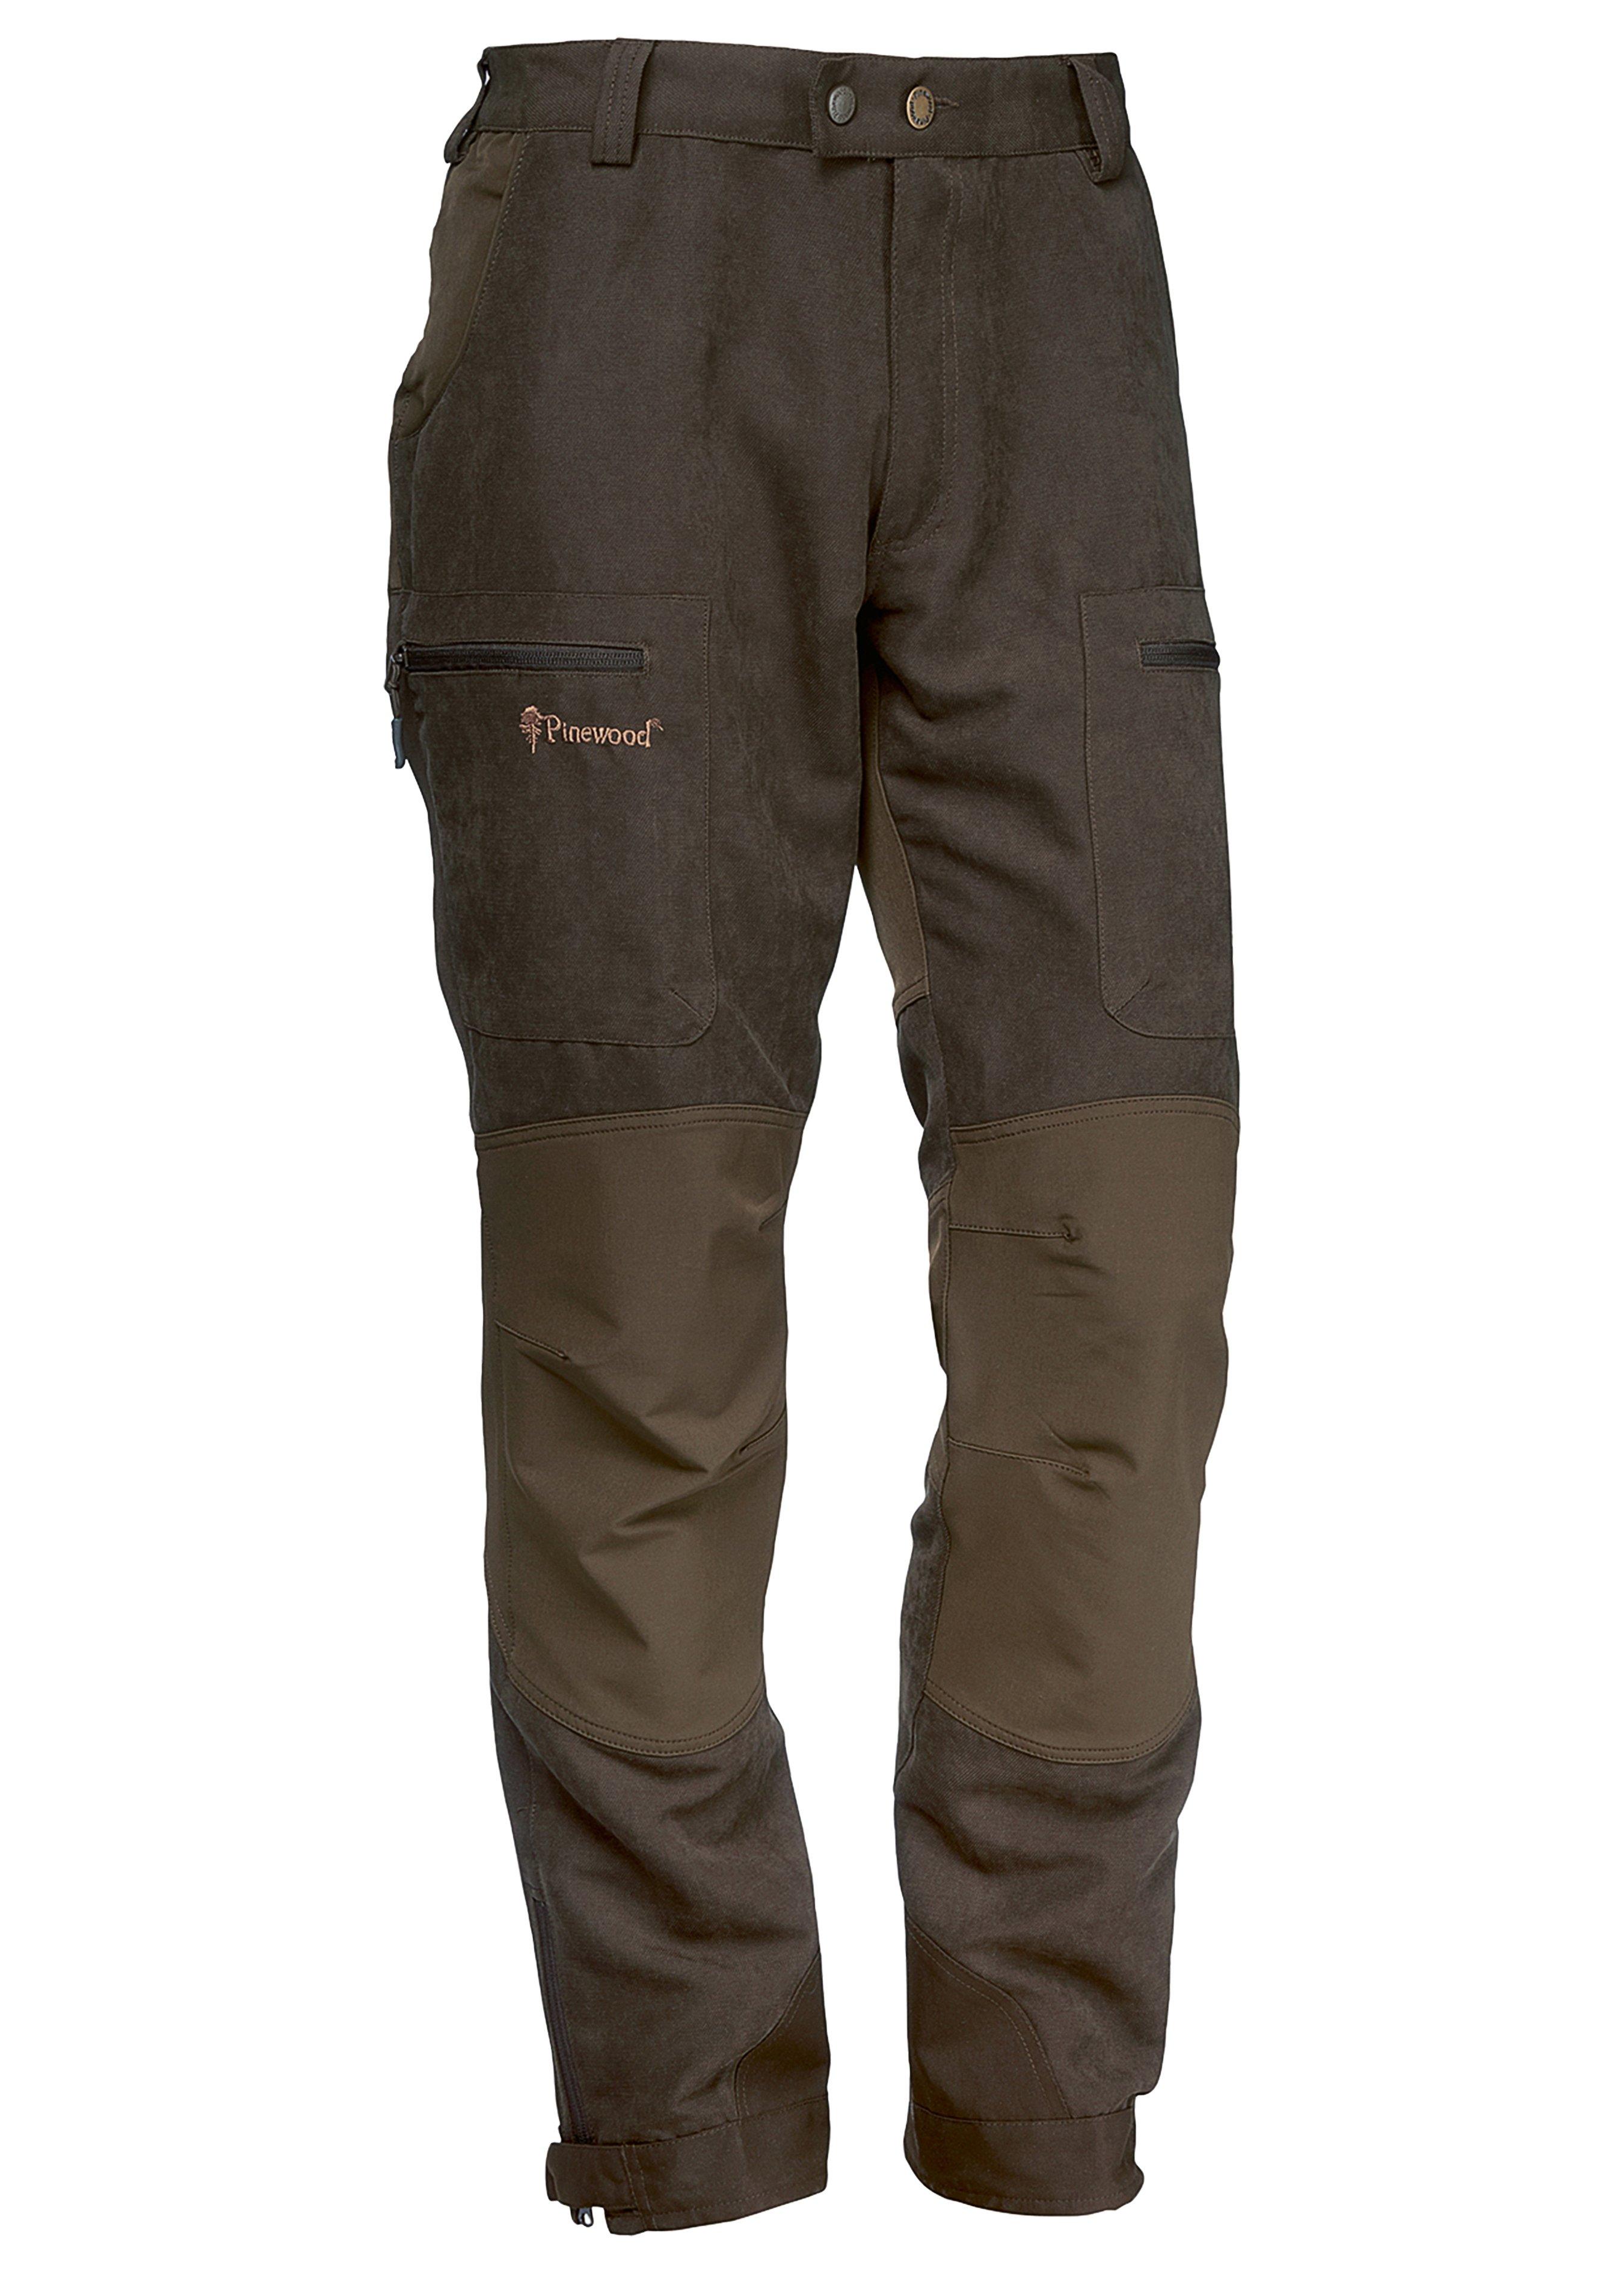 Pantalon stretch de chasse Caribou imperméable 21042440 1